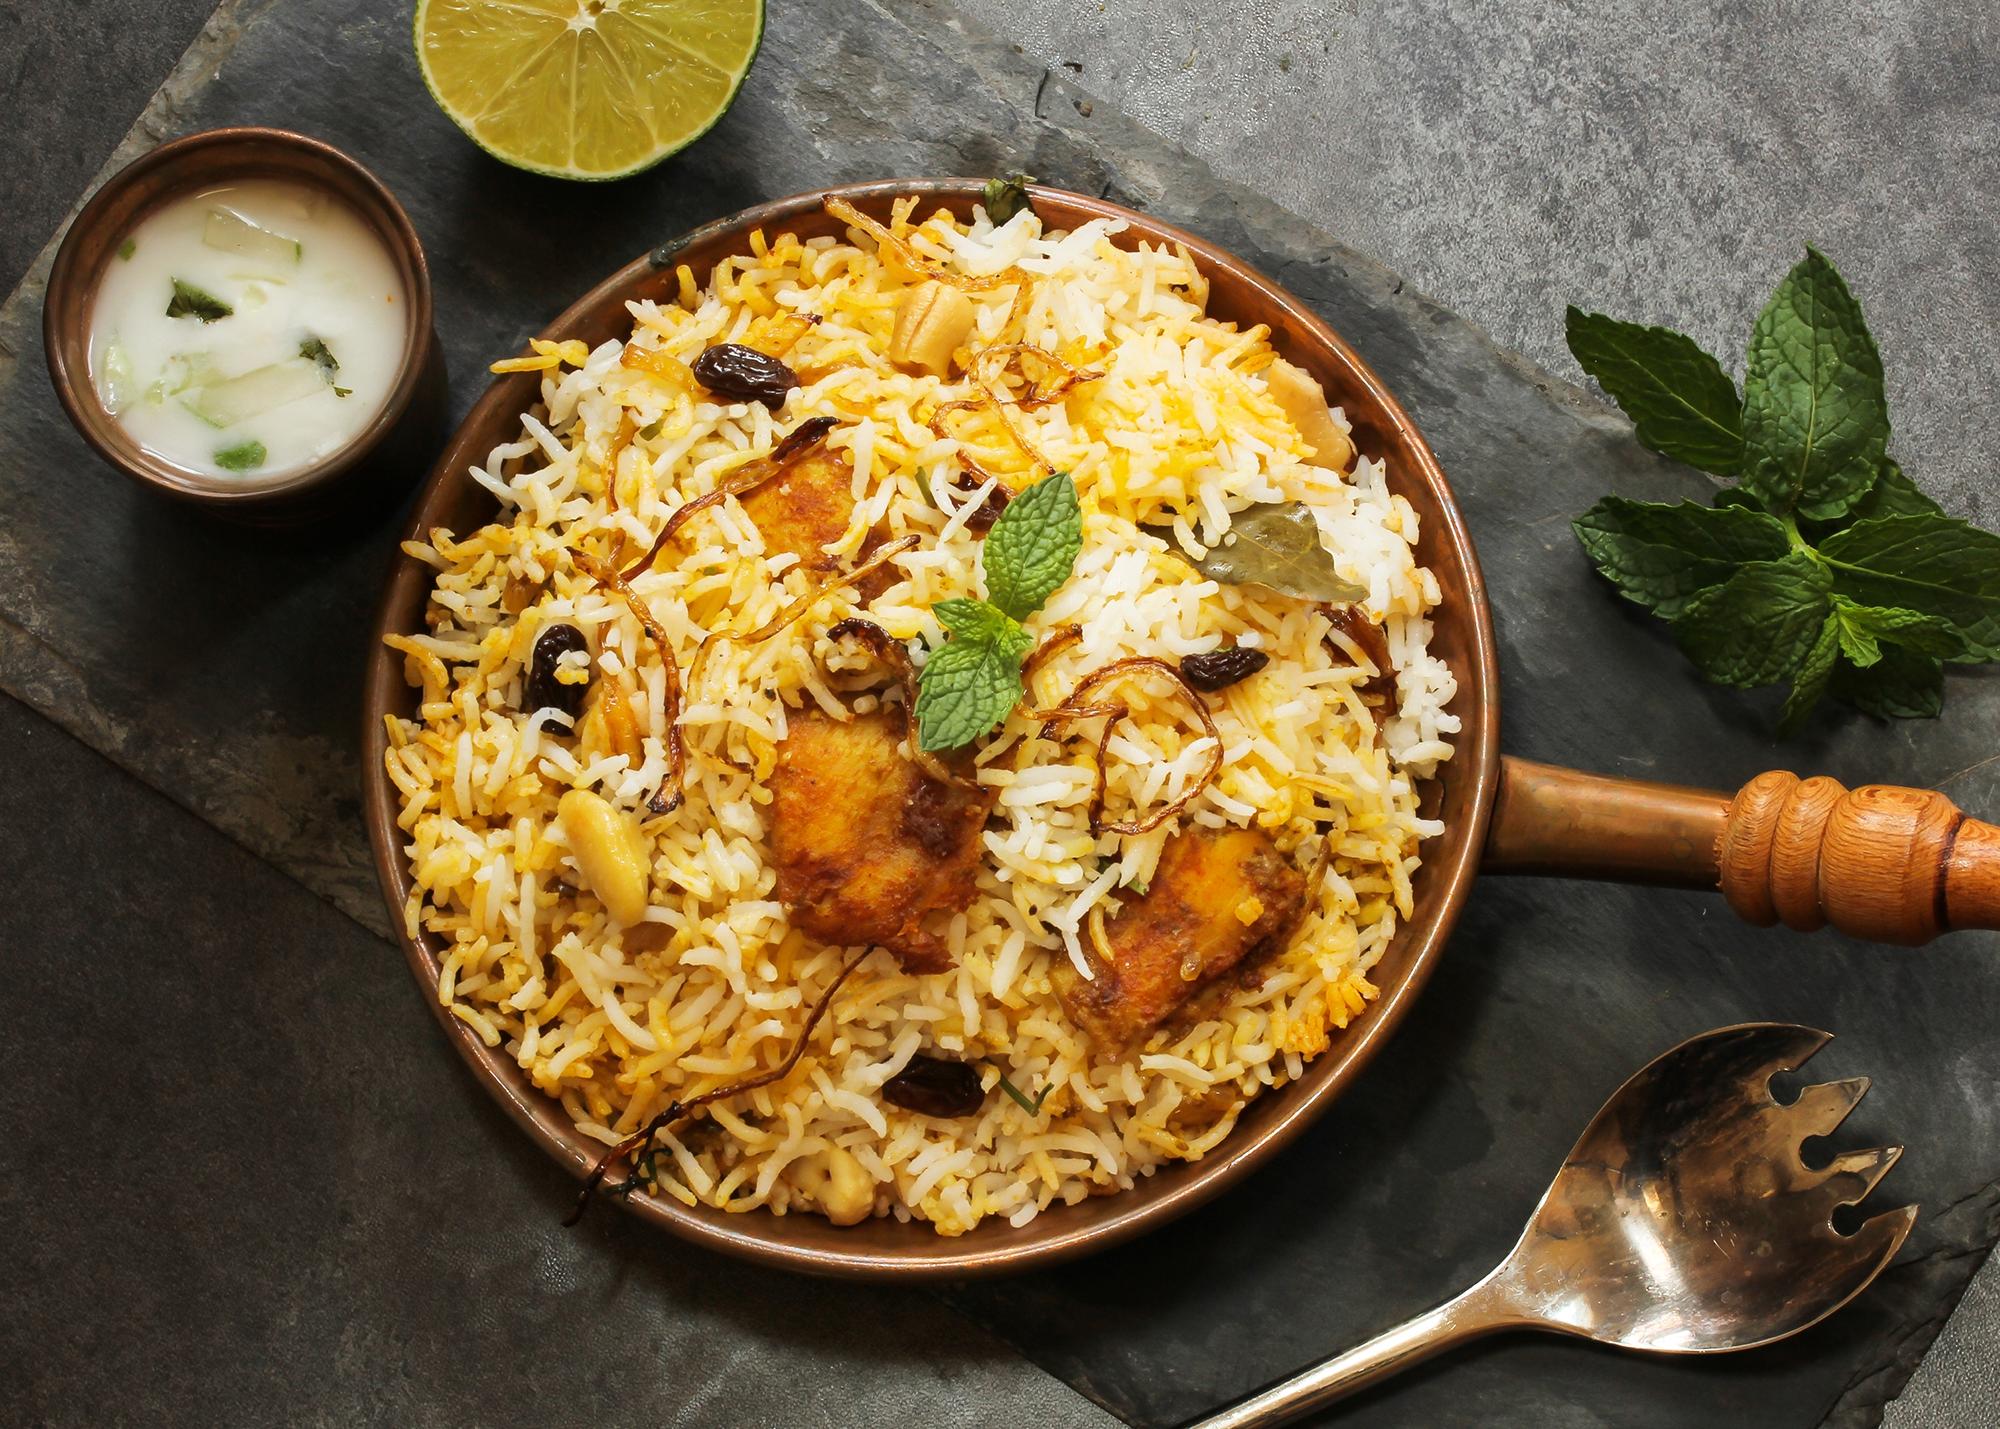 arroz com peixe frito